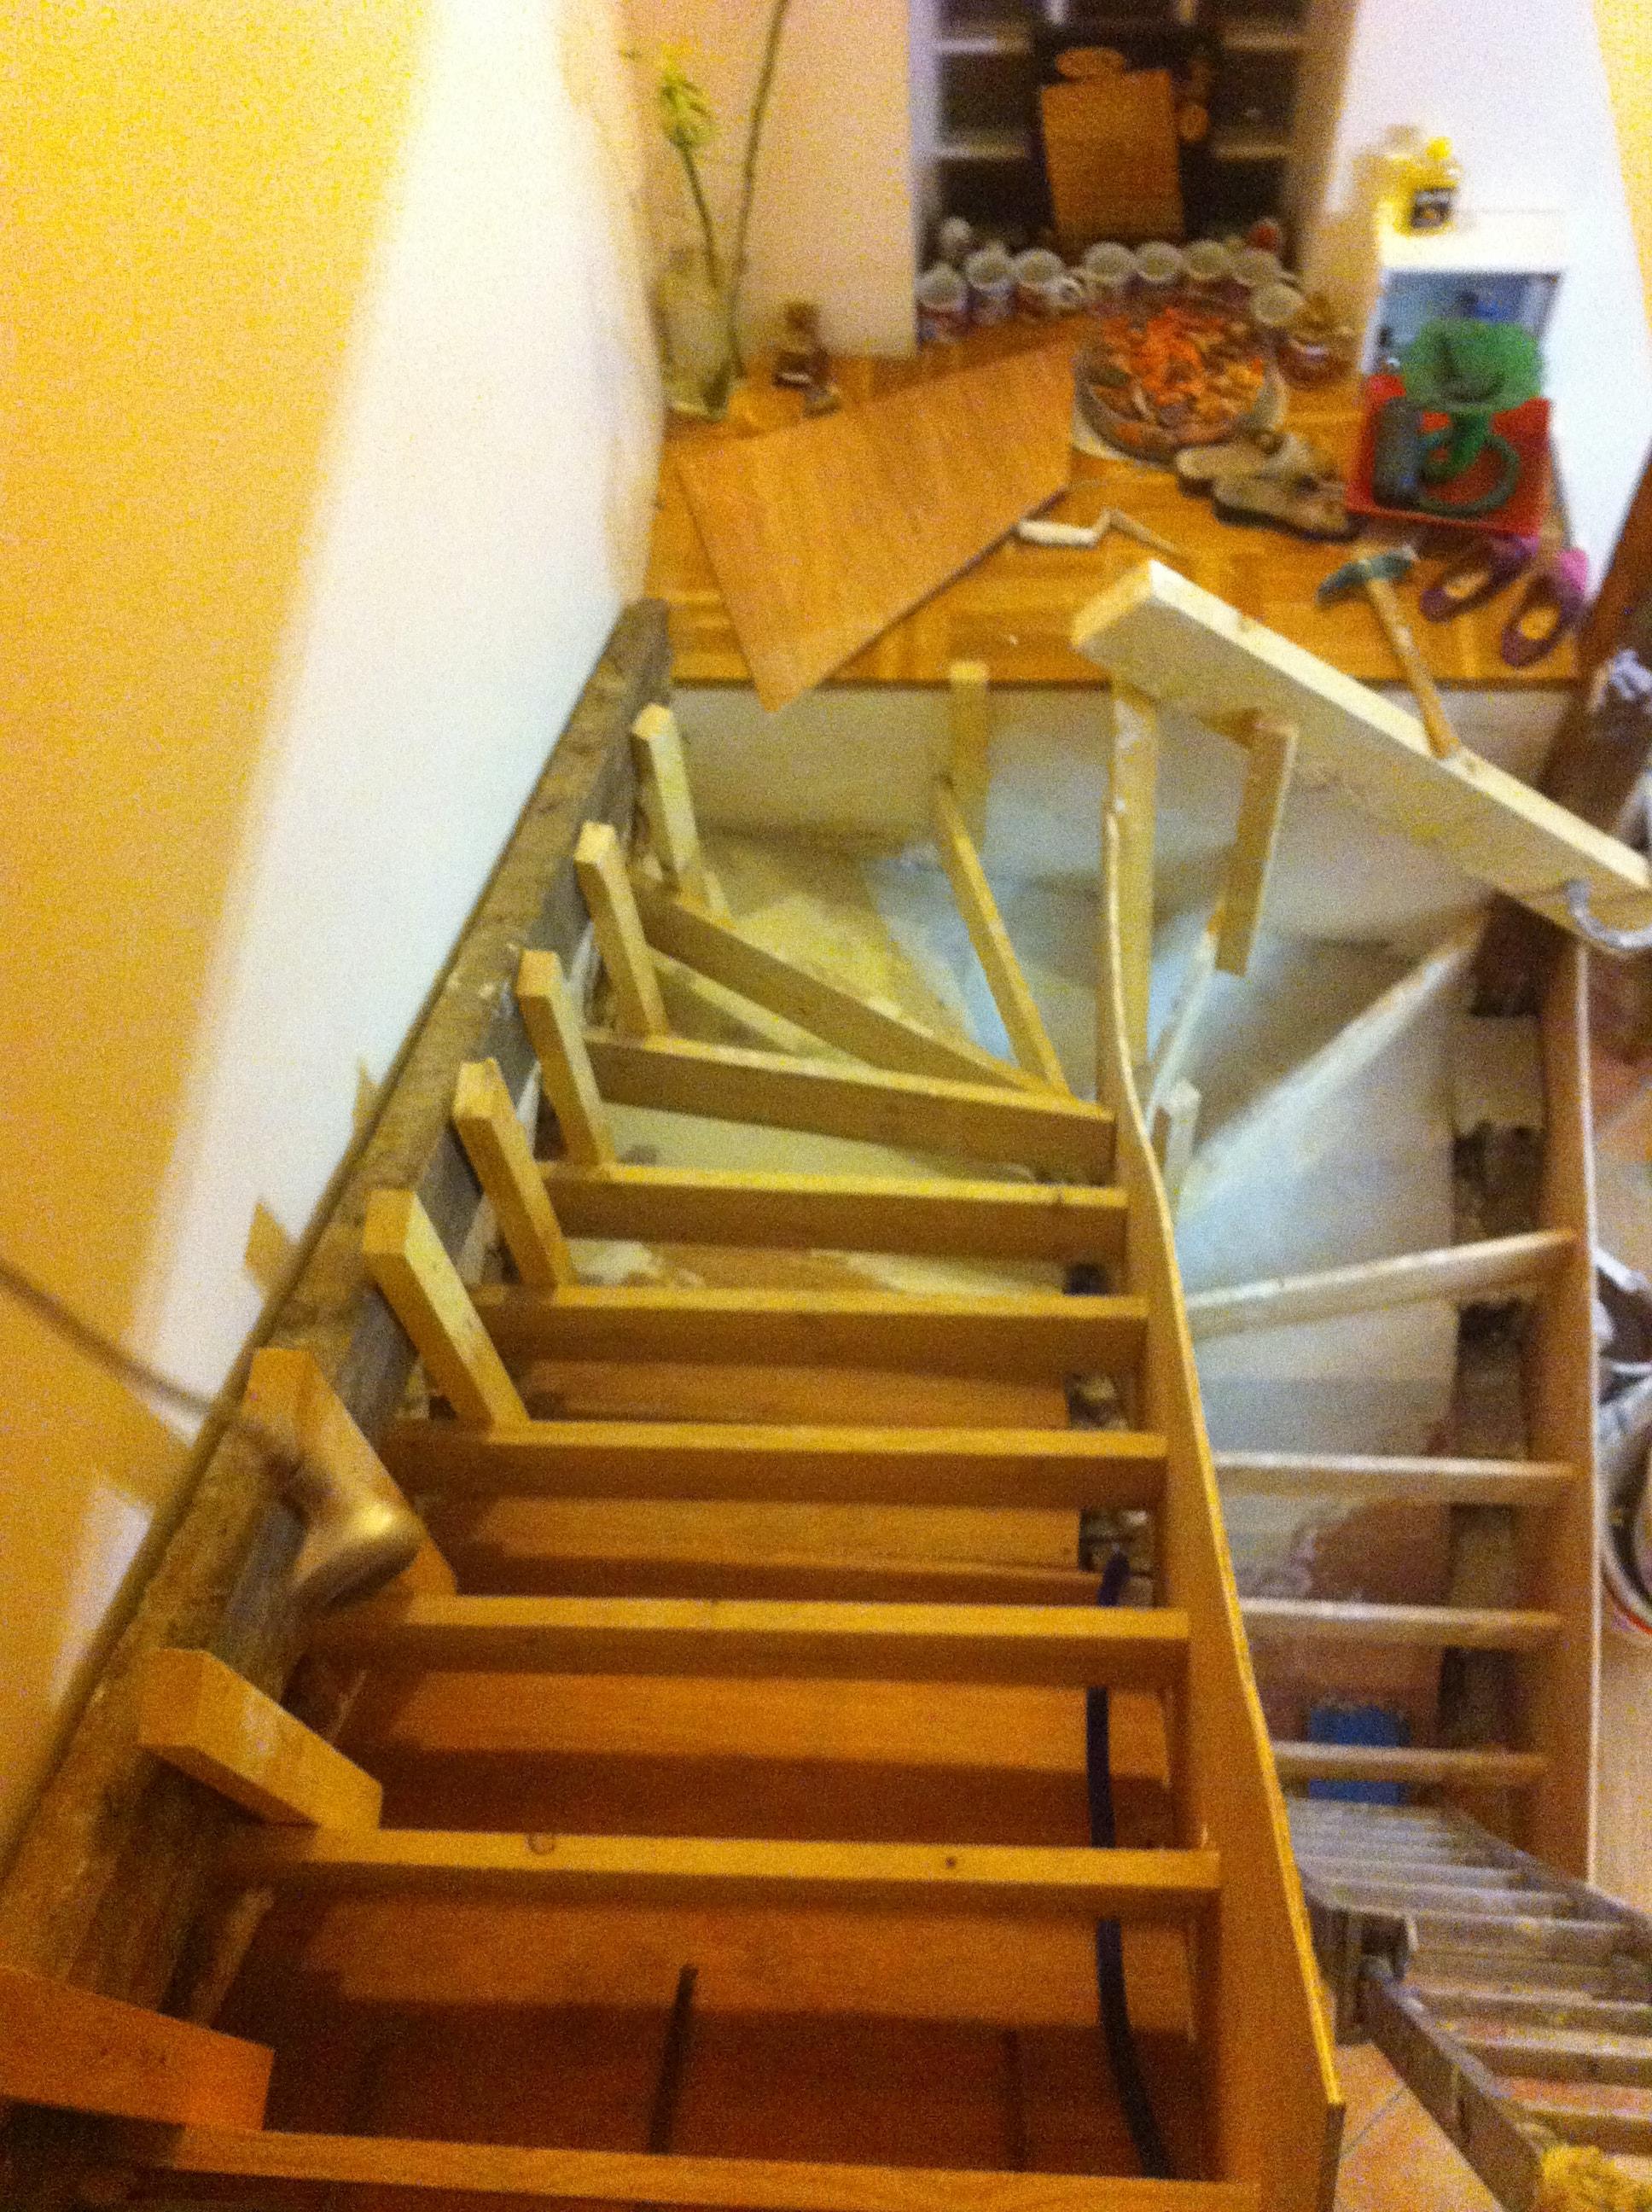 escalier-bois-6-travaux-creation-debut-coffrage-vue-dessus-texas-batiment-min